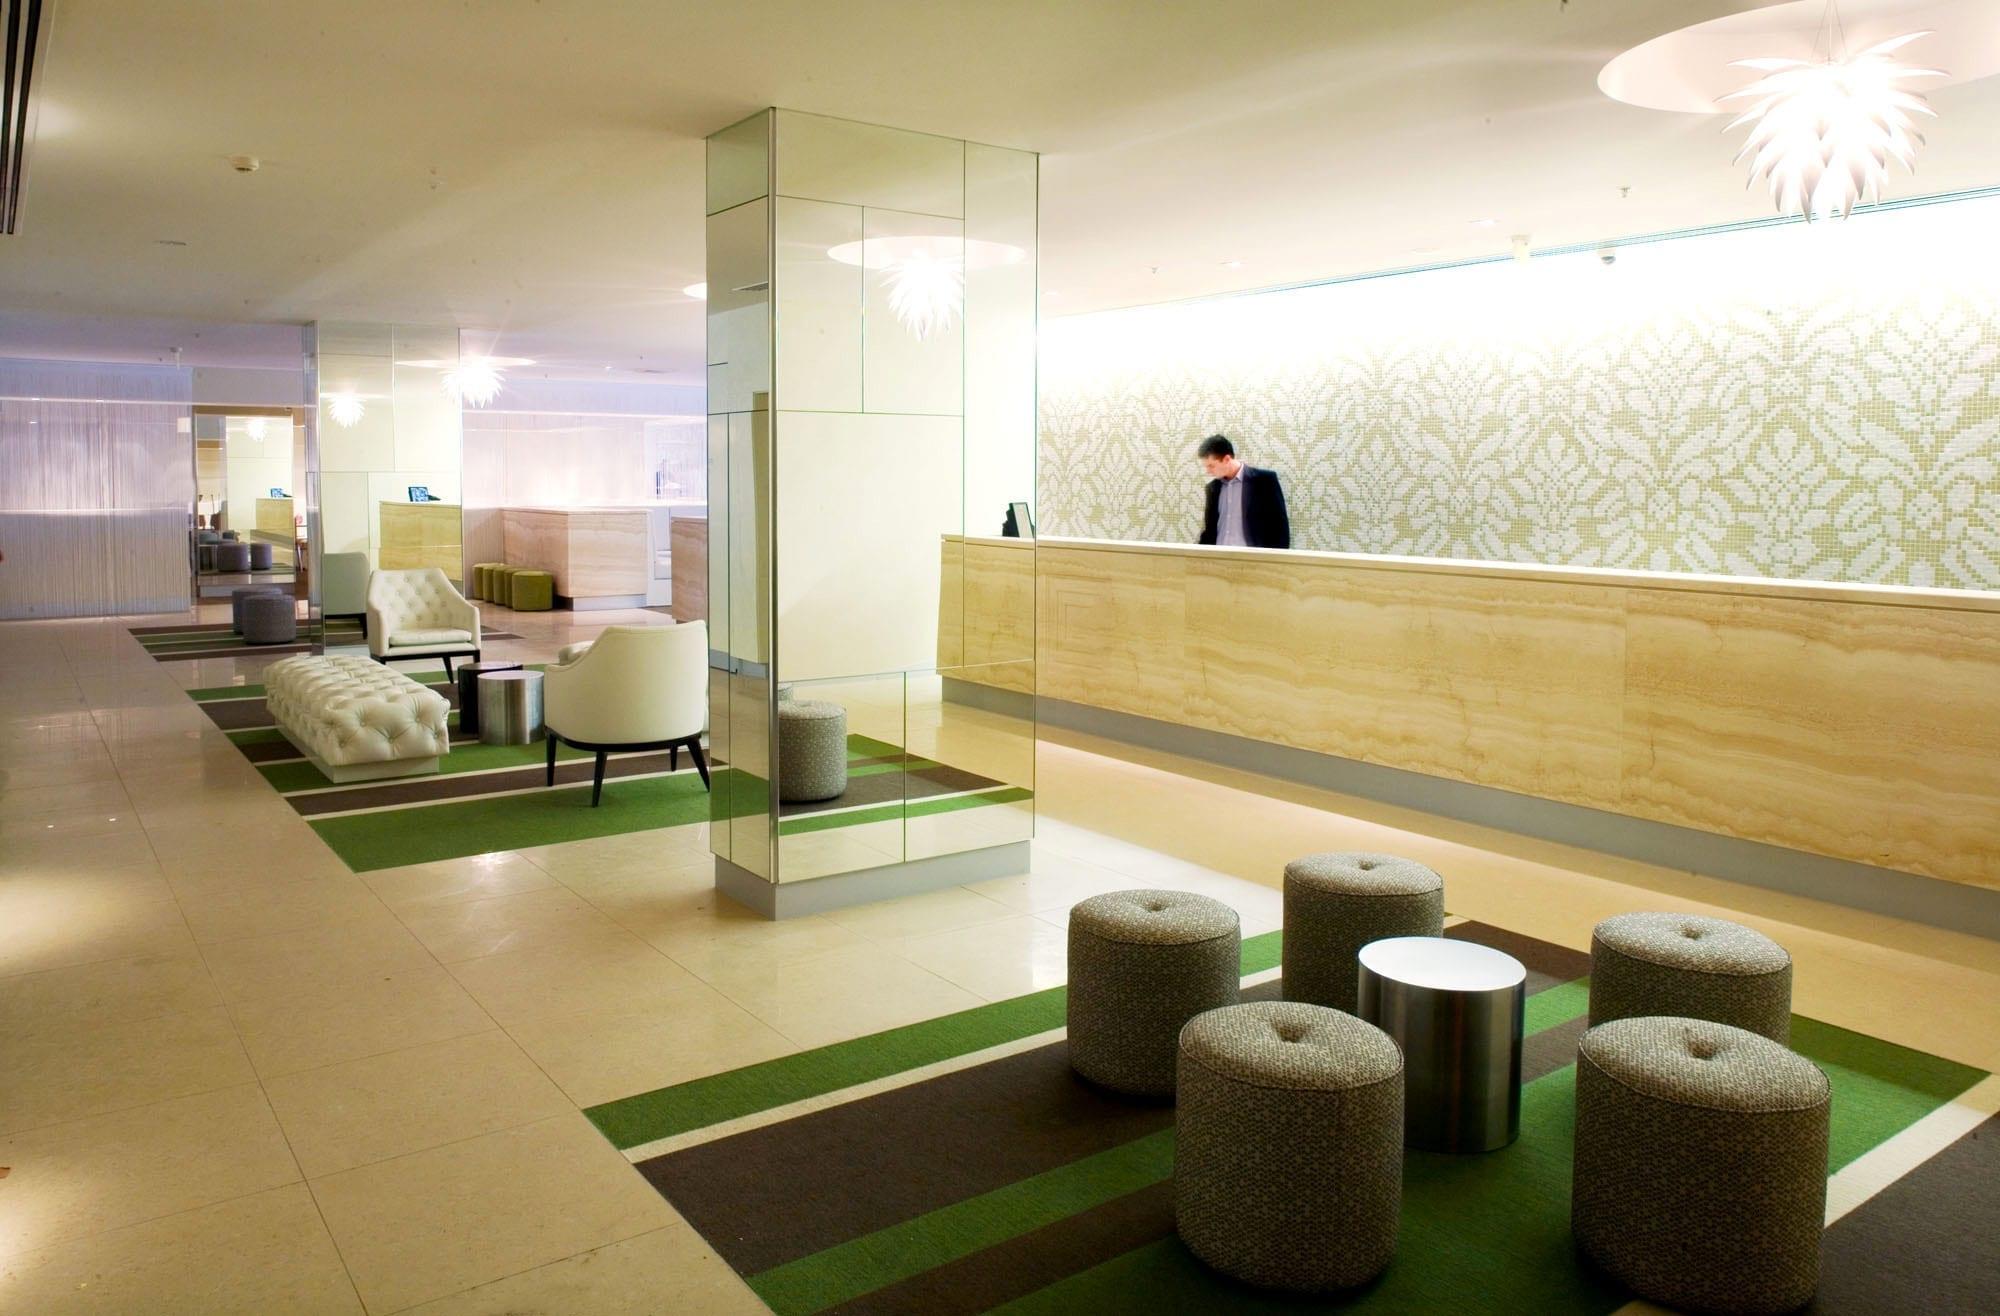 Chiefly Hotel in Sydney Australia